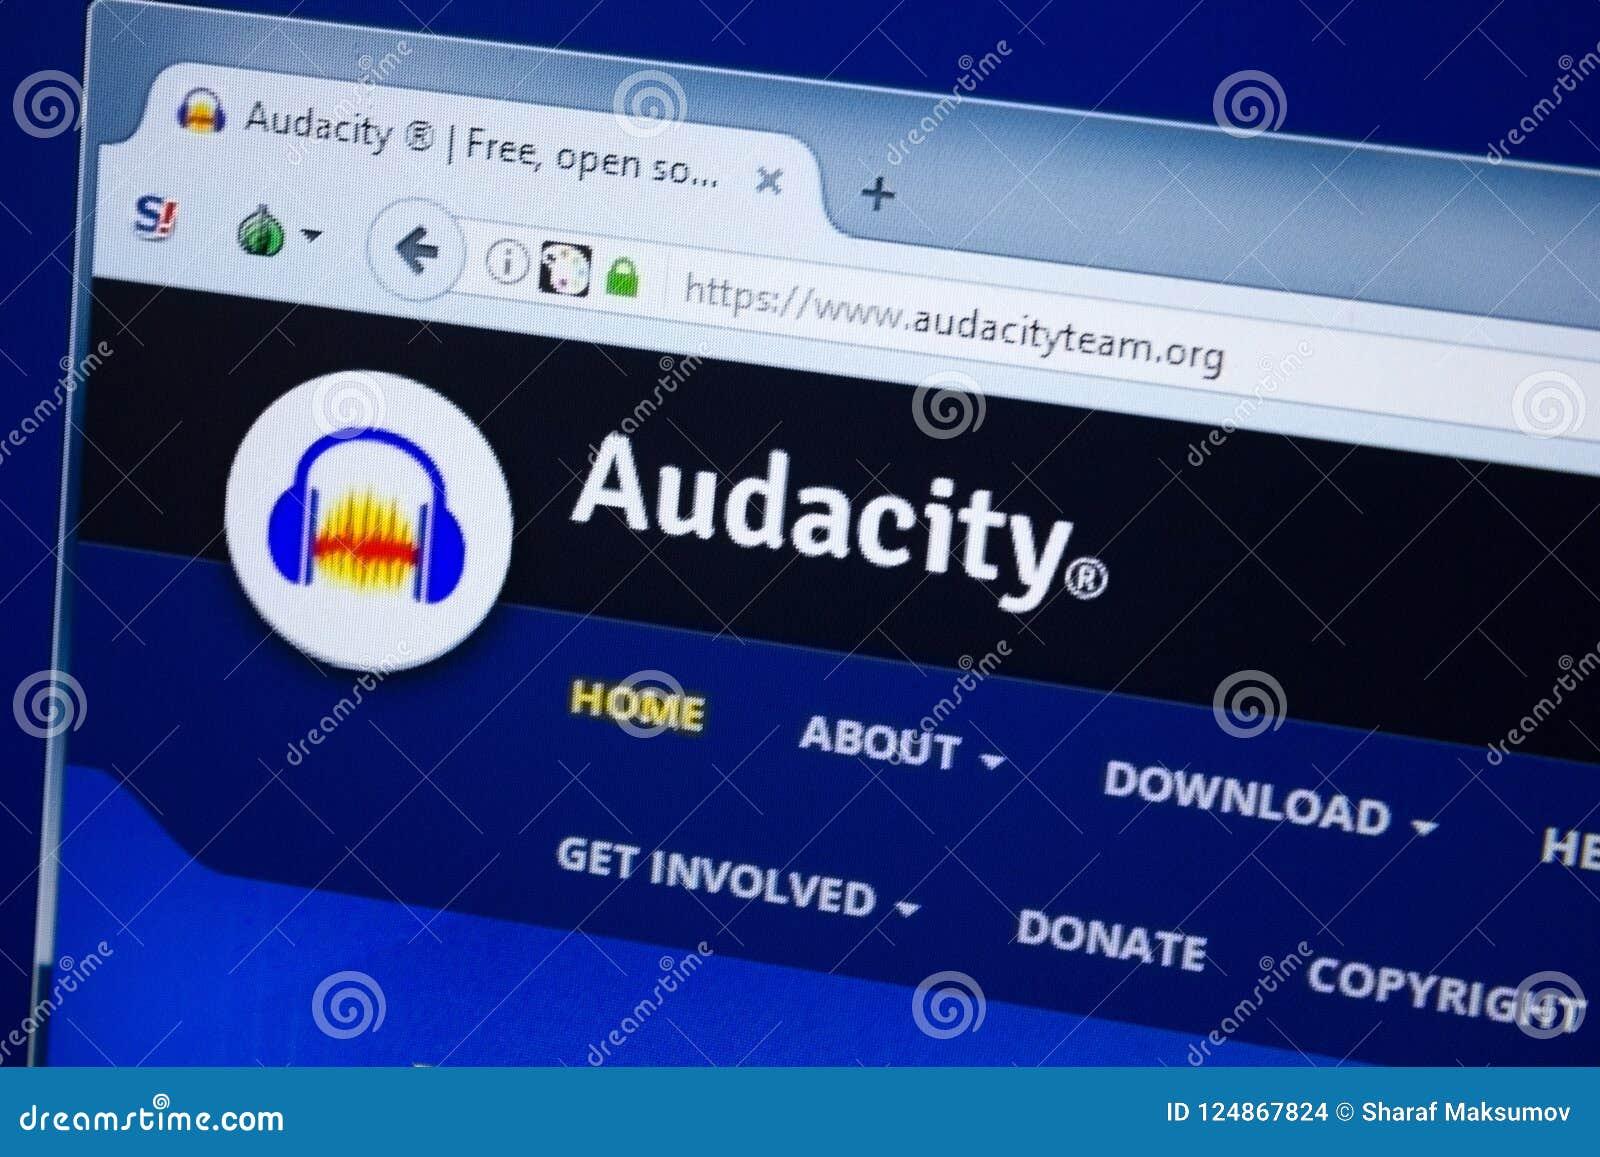 梁赞,俄罗斯- 2018年8月26日:Audacityteam网站主页个人计算机显示的  URL - Audacityteam org